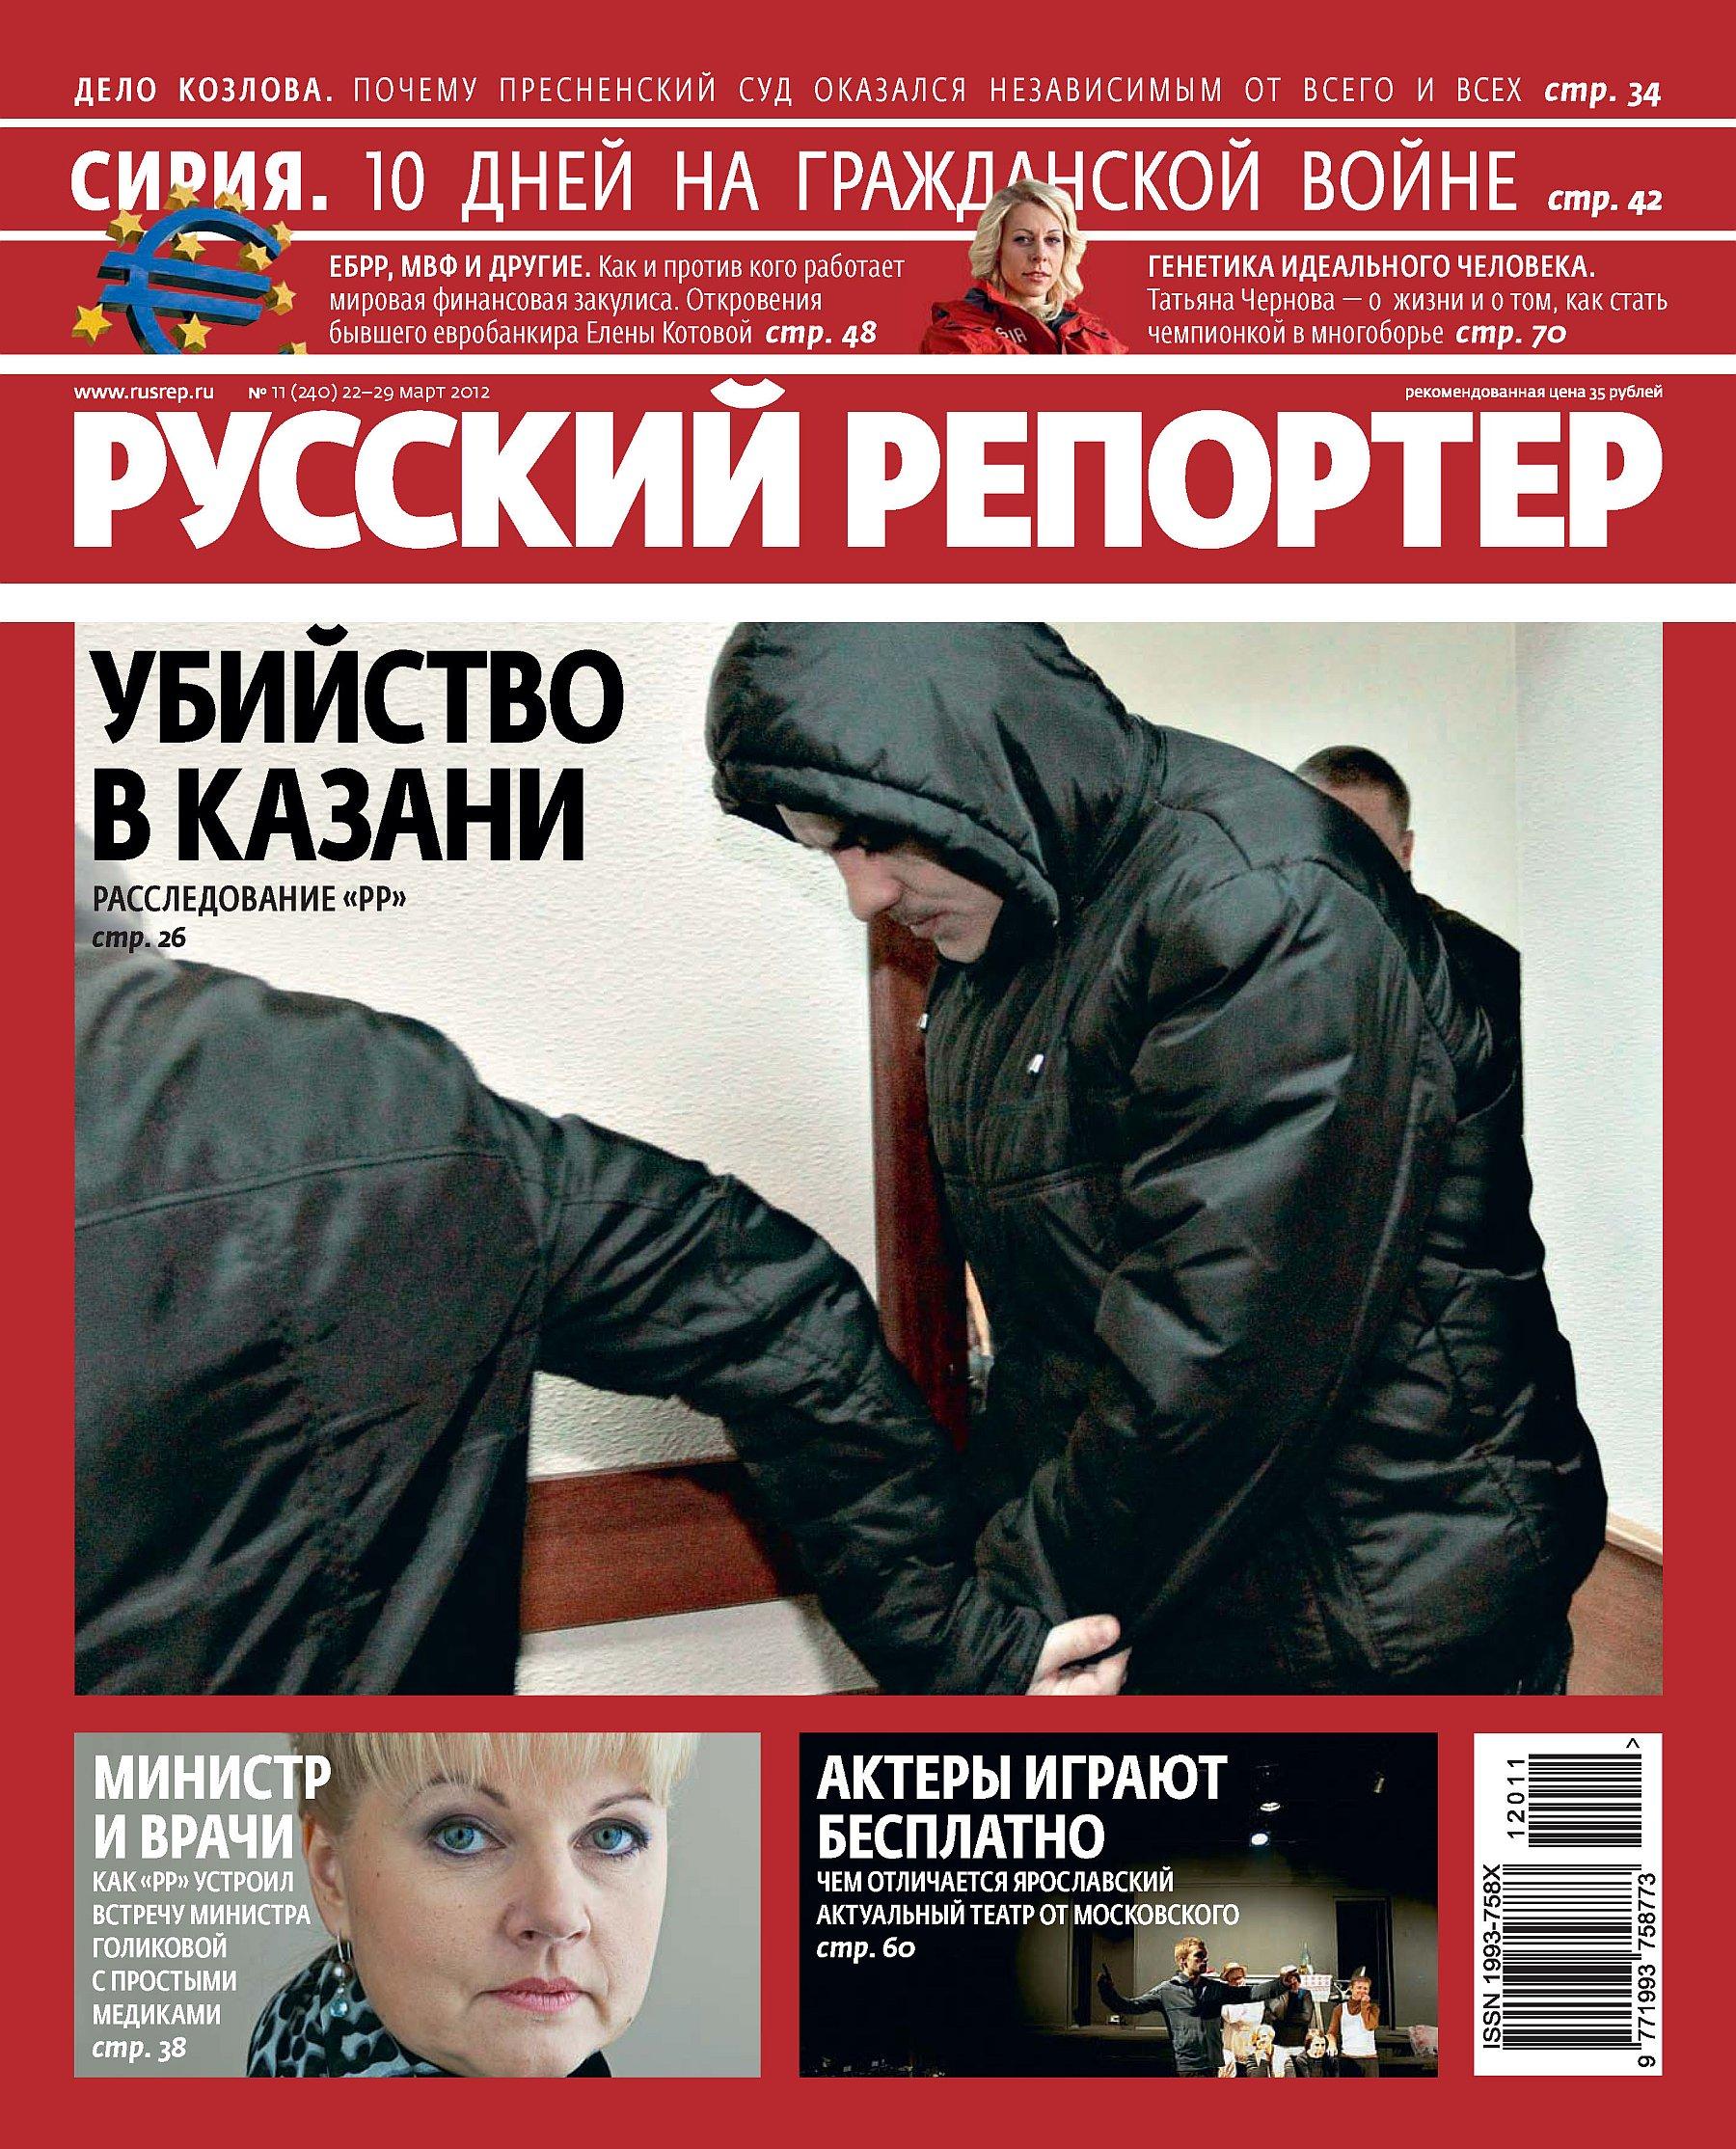 Фото - Отсутствует Русский Репортер №11/2012 отсутствует русский репортер 15 2012